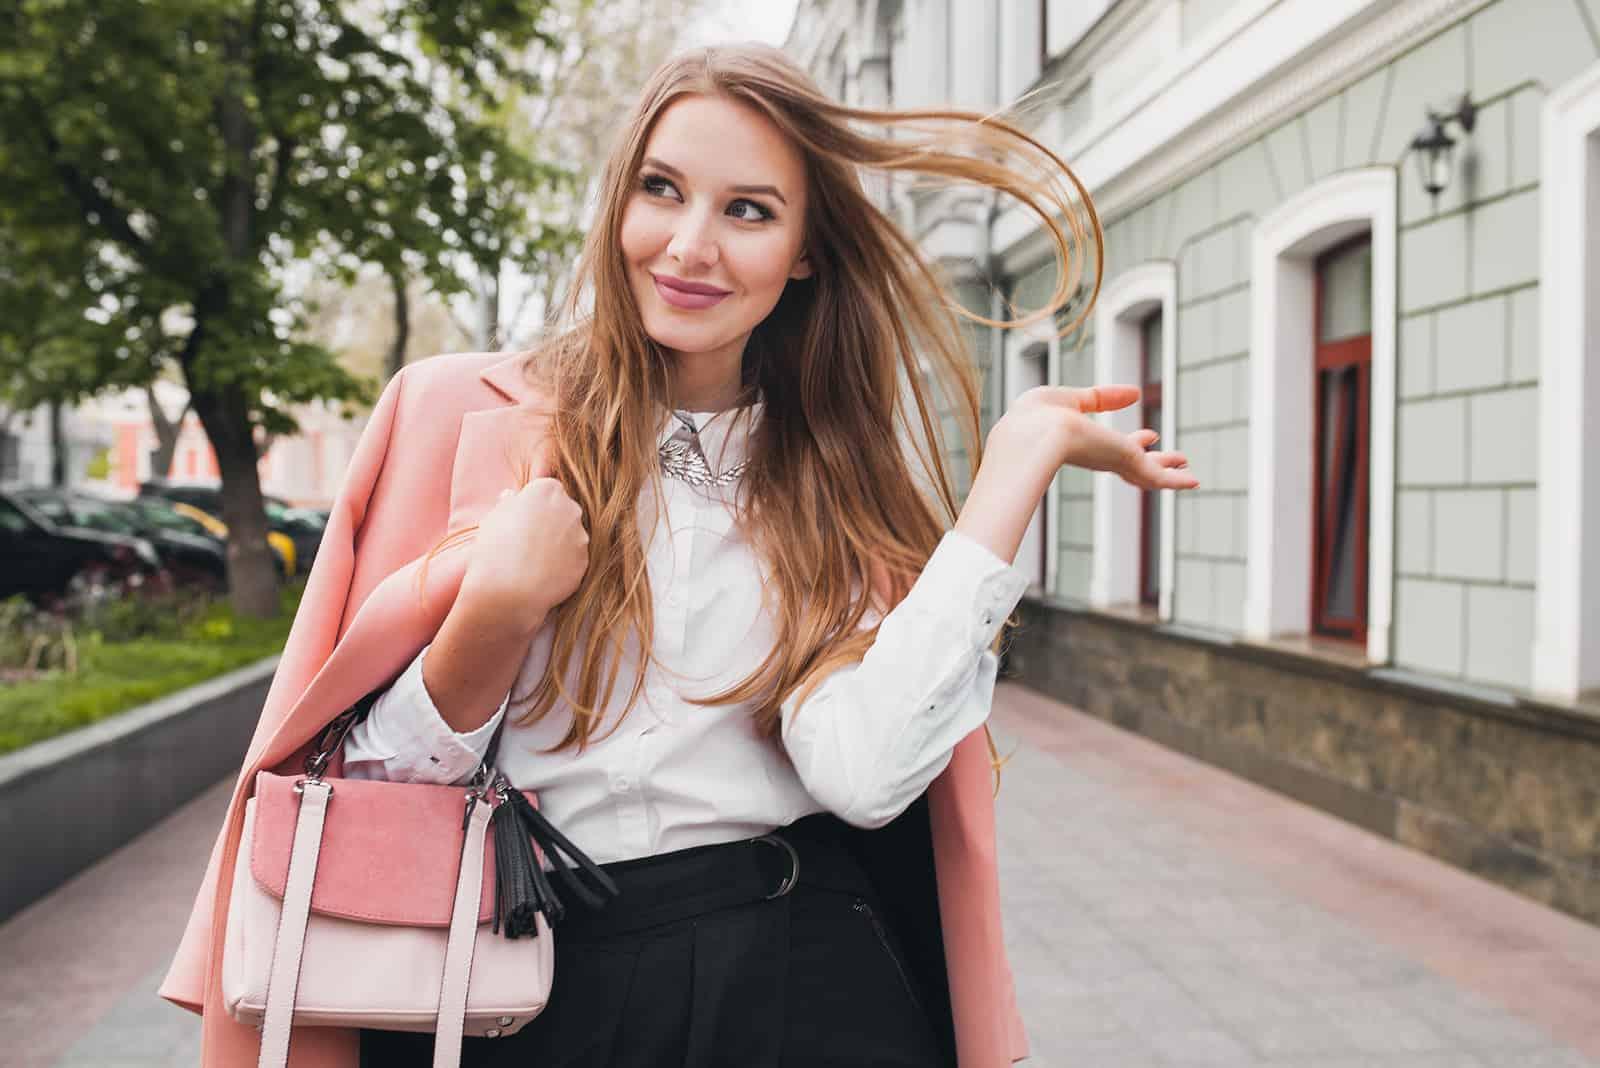 une femme aux longs cheveux bruns se tient dans la rue